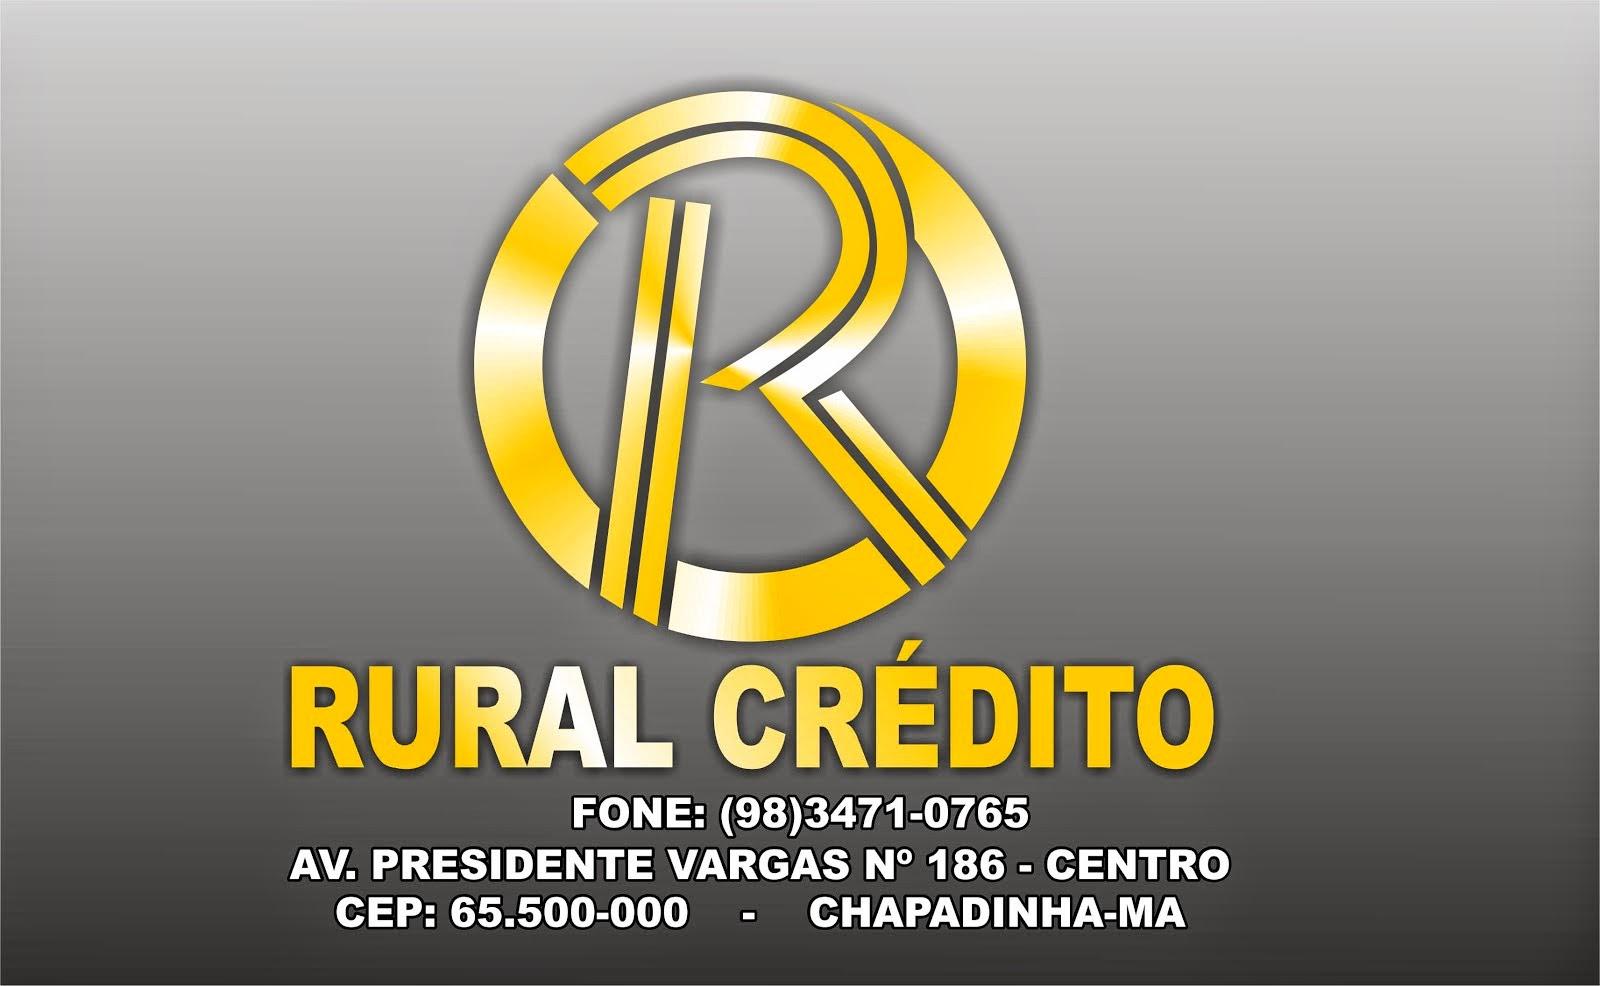 Rural Crédito.